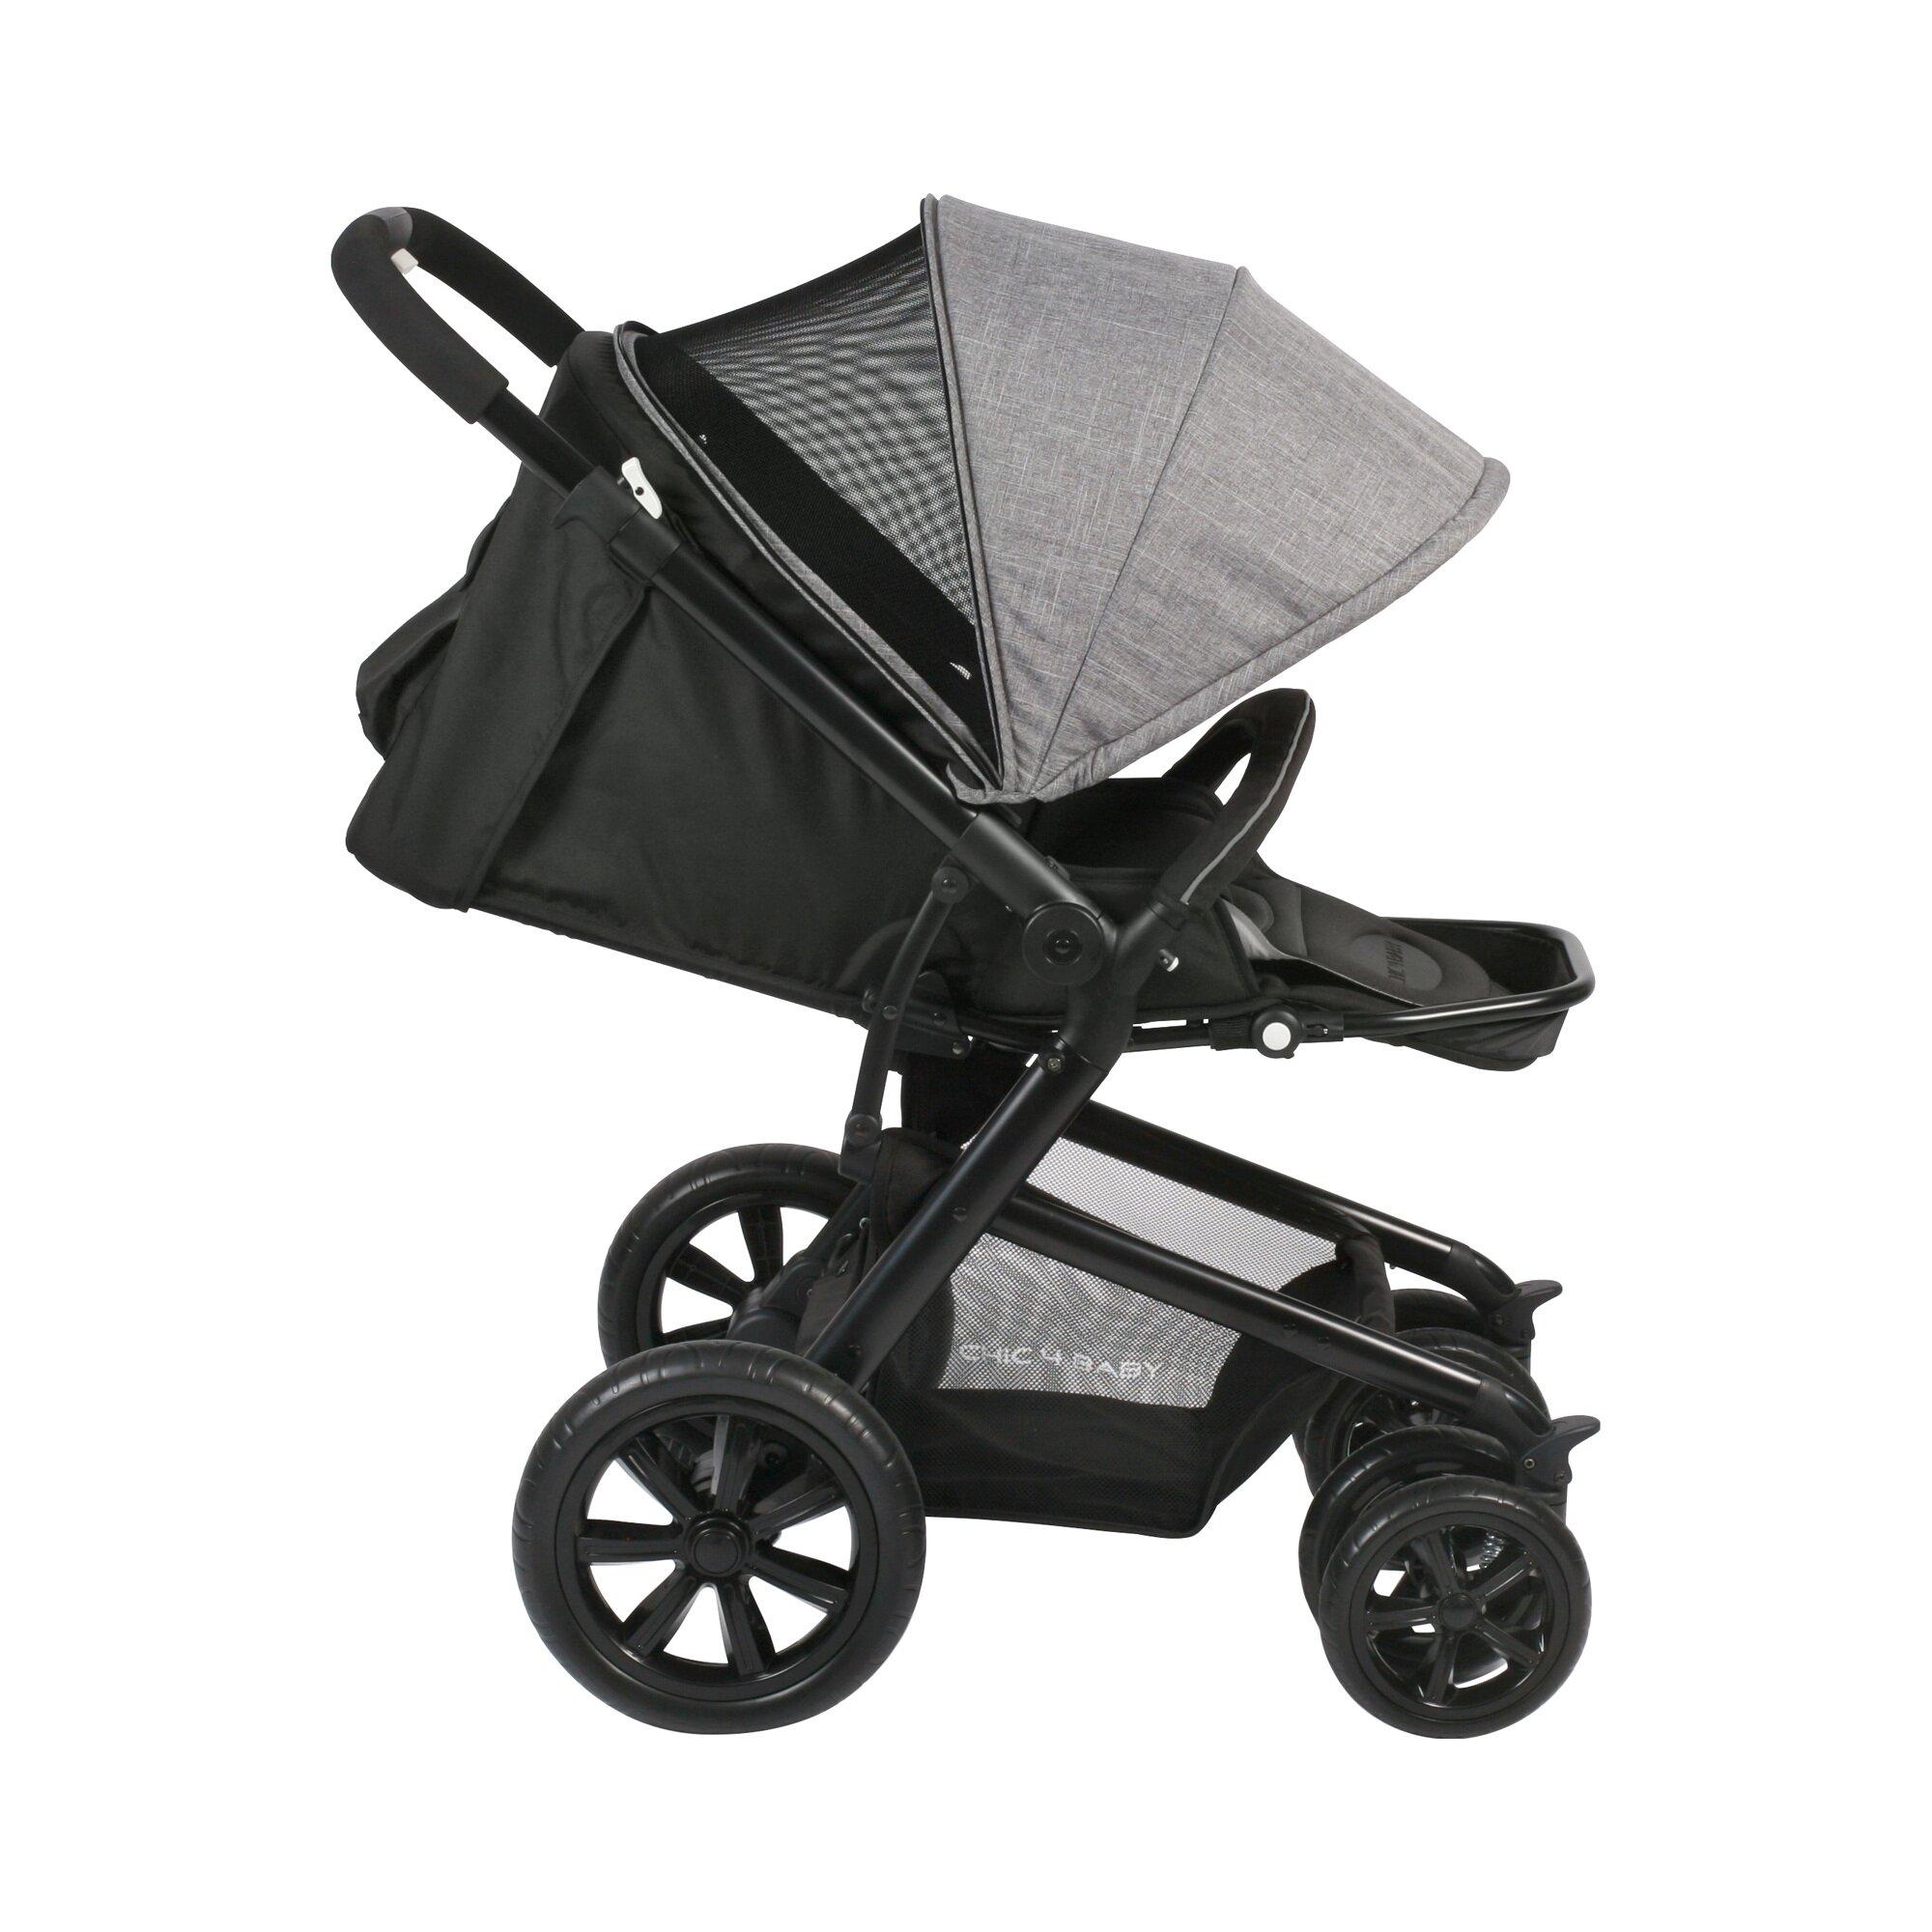 chic-4-baby-pronto-kinderwagen-sportwagen-blau